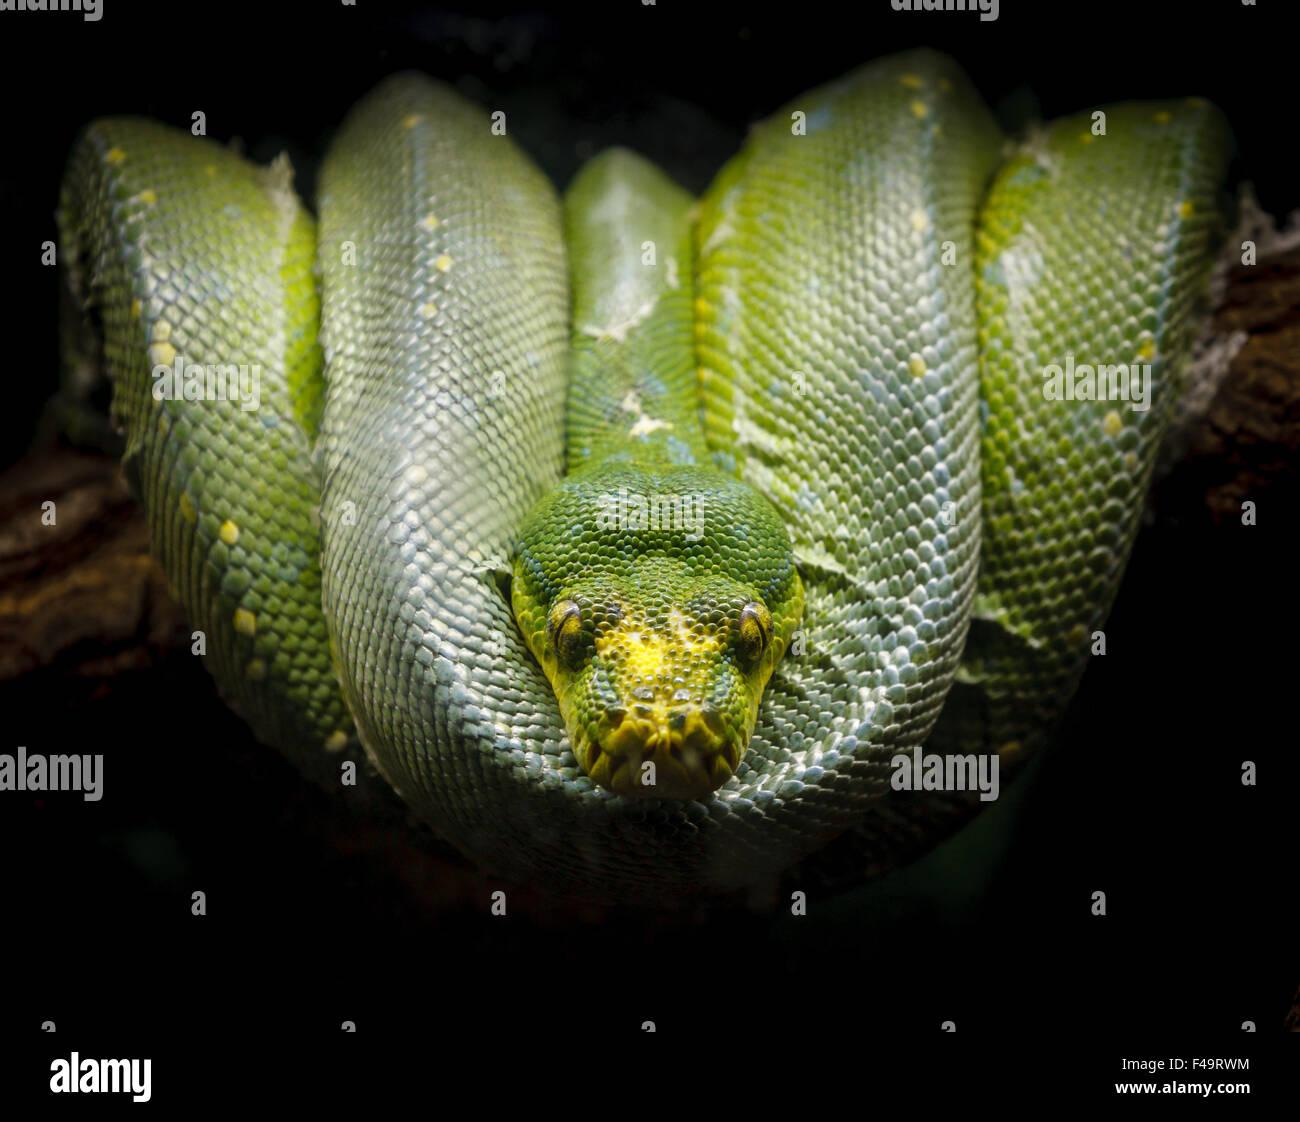 Python verde (Morelia viridis) cómodamente enrolladas en la rama de un árbol. Fotografía de una especie Imagen De Stock